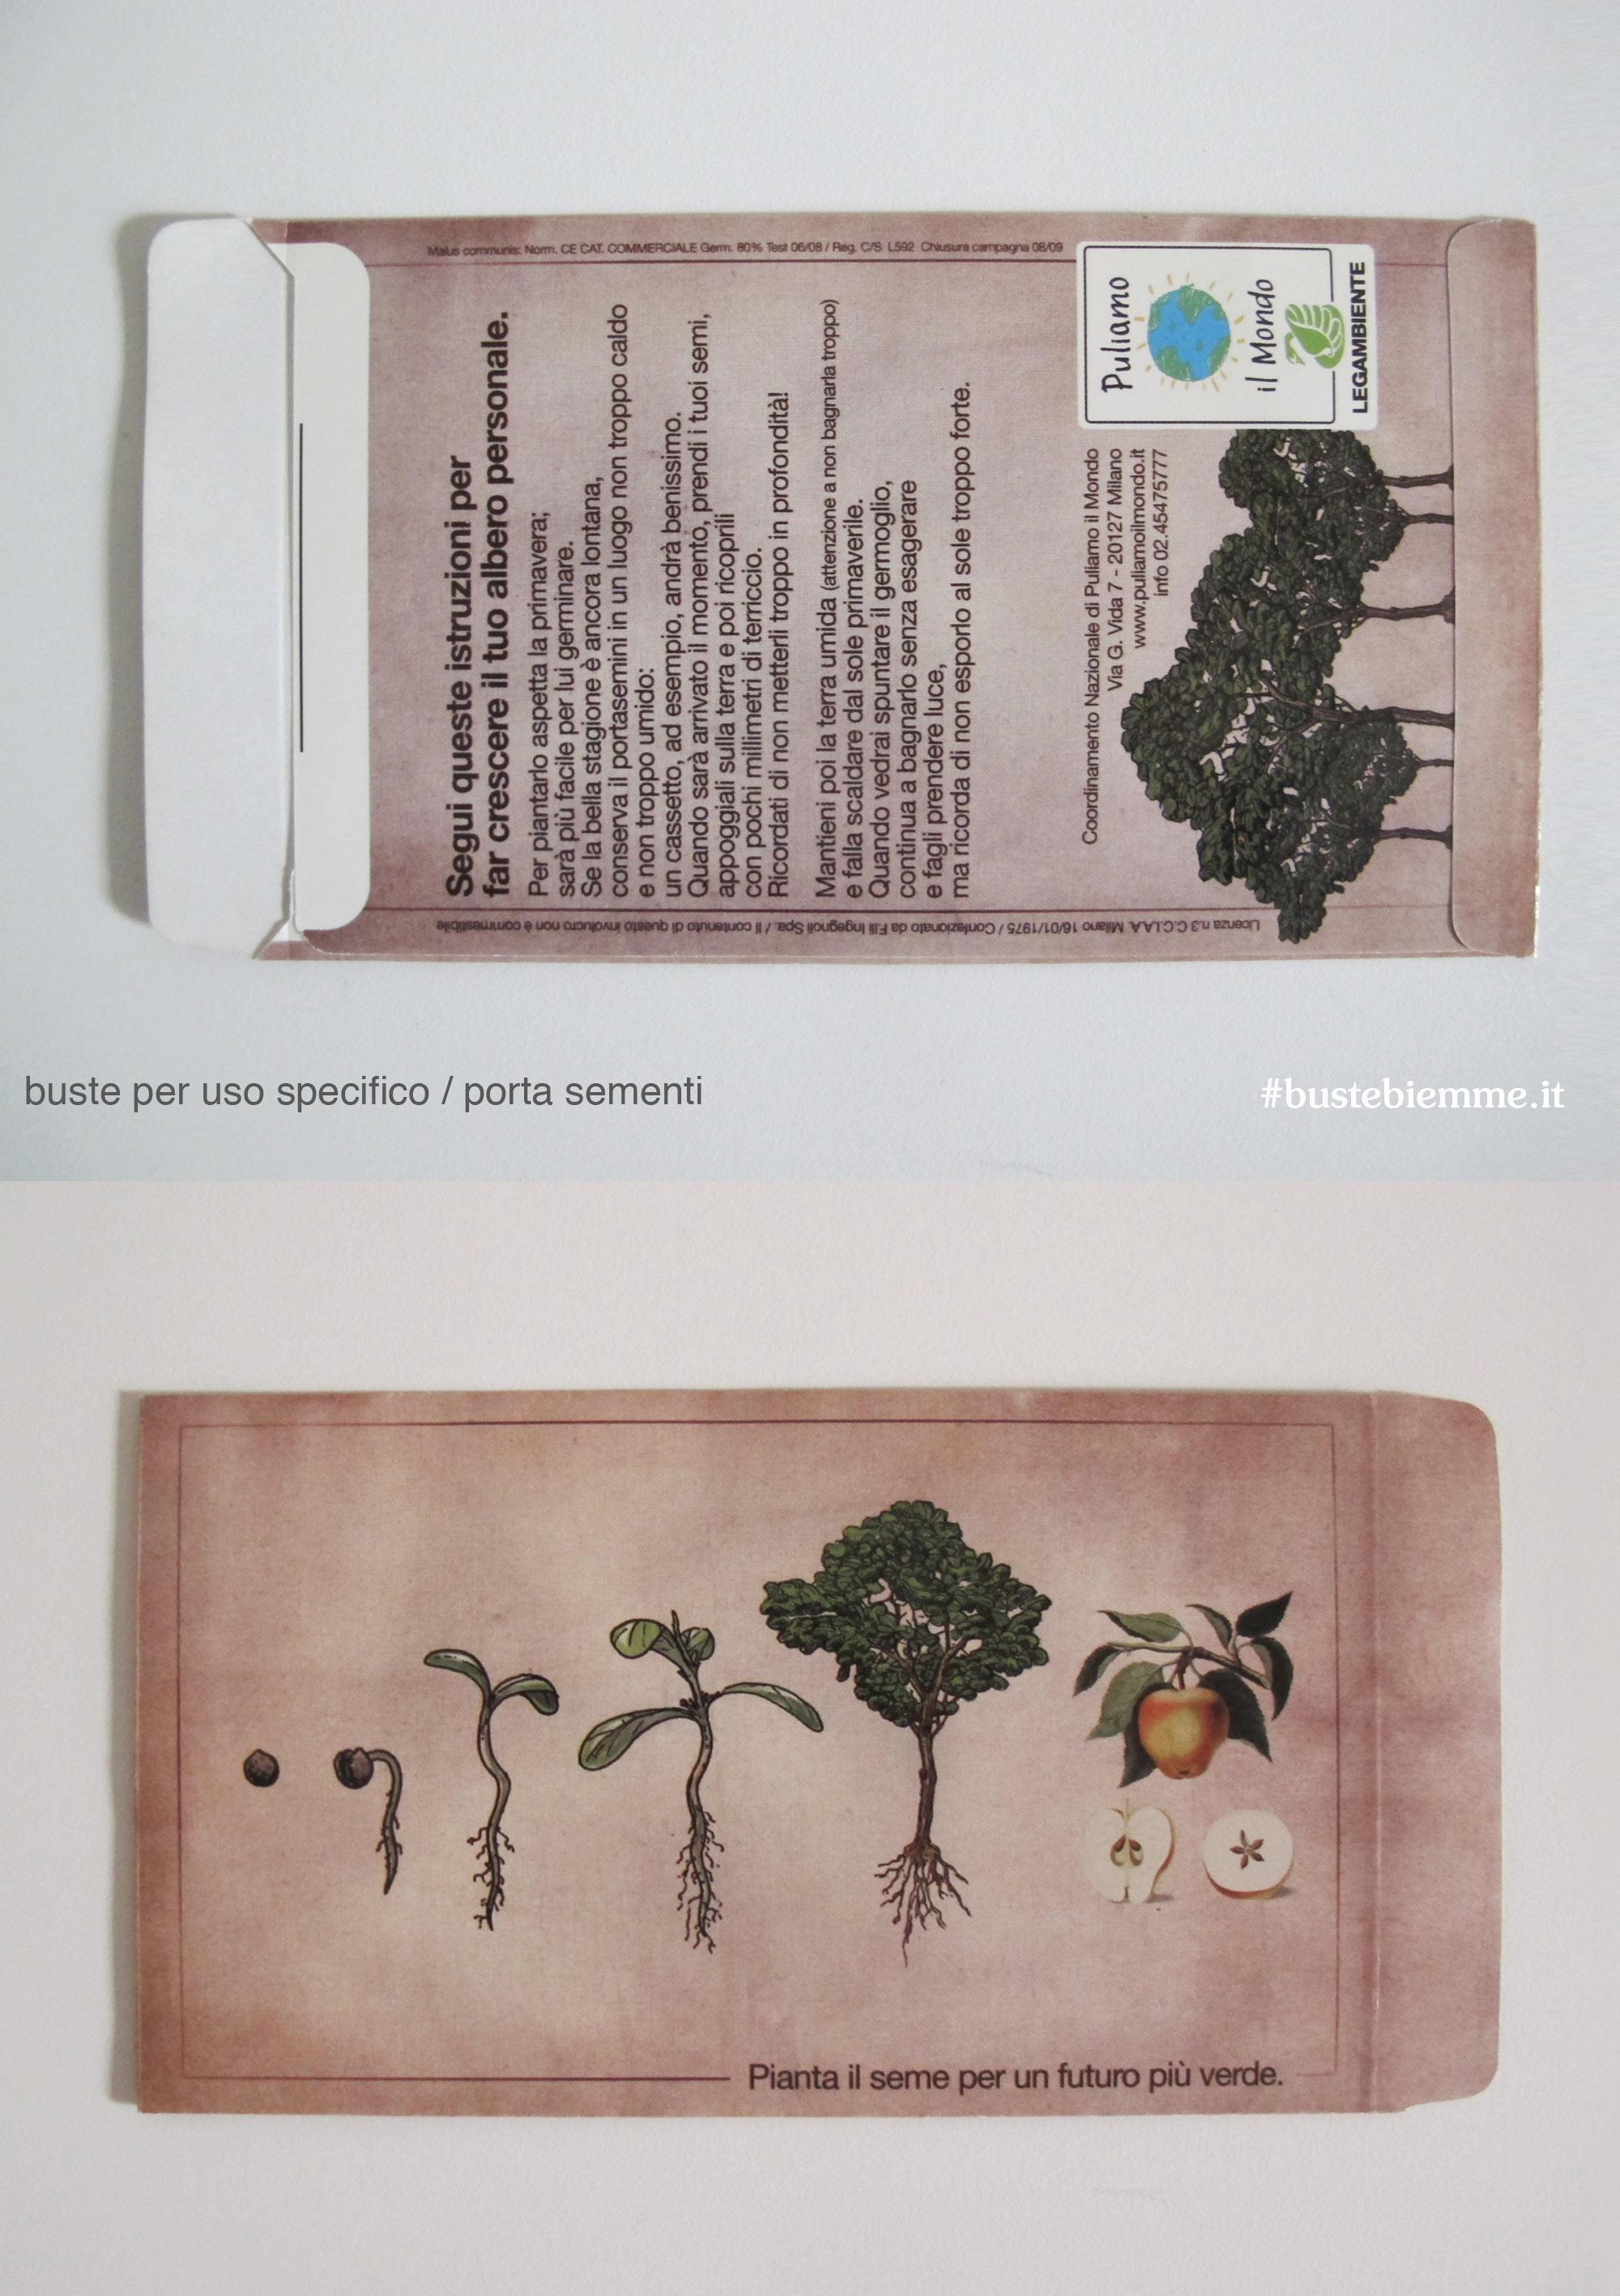 busta portasementi promozionale in carta monopatinata